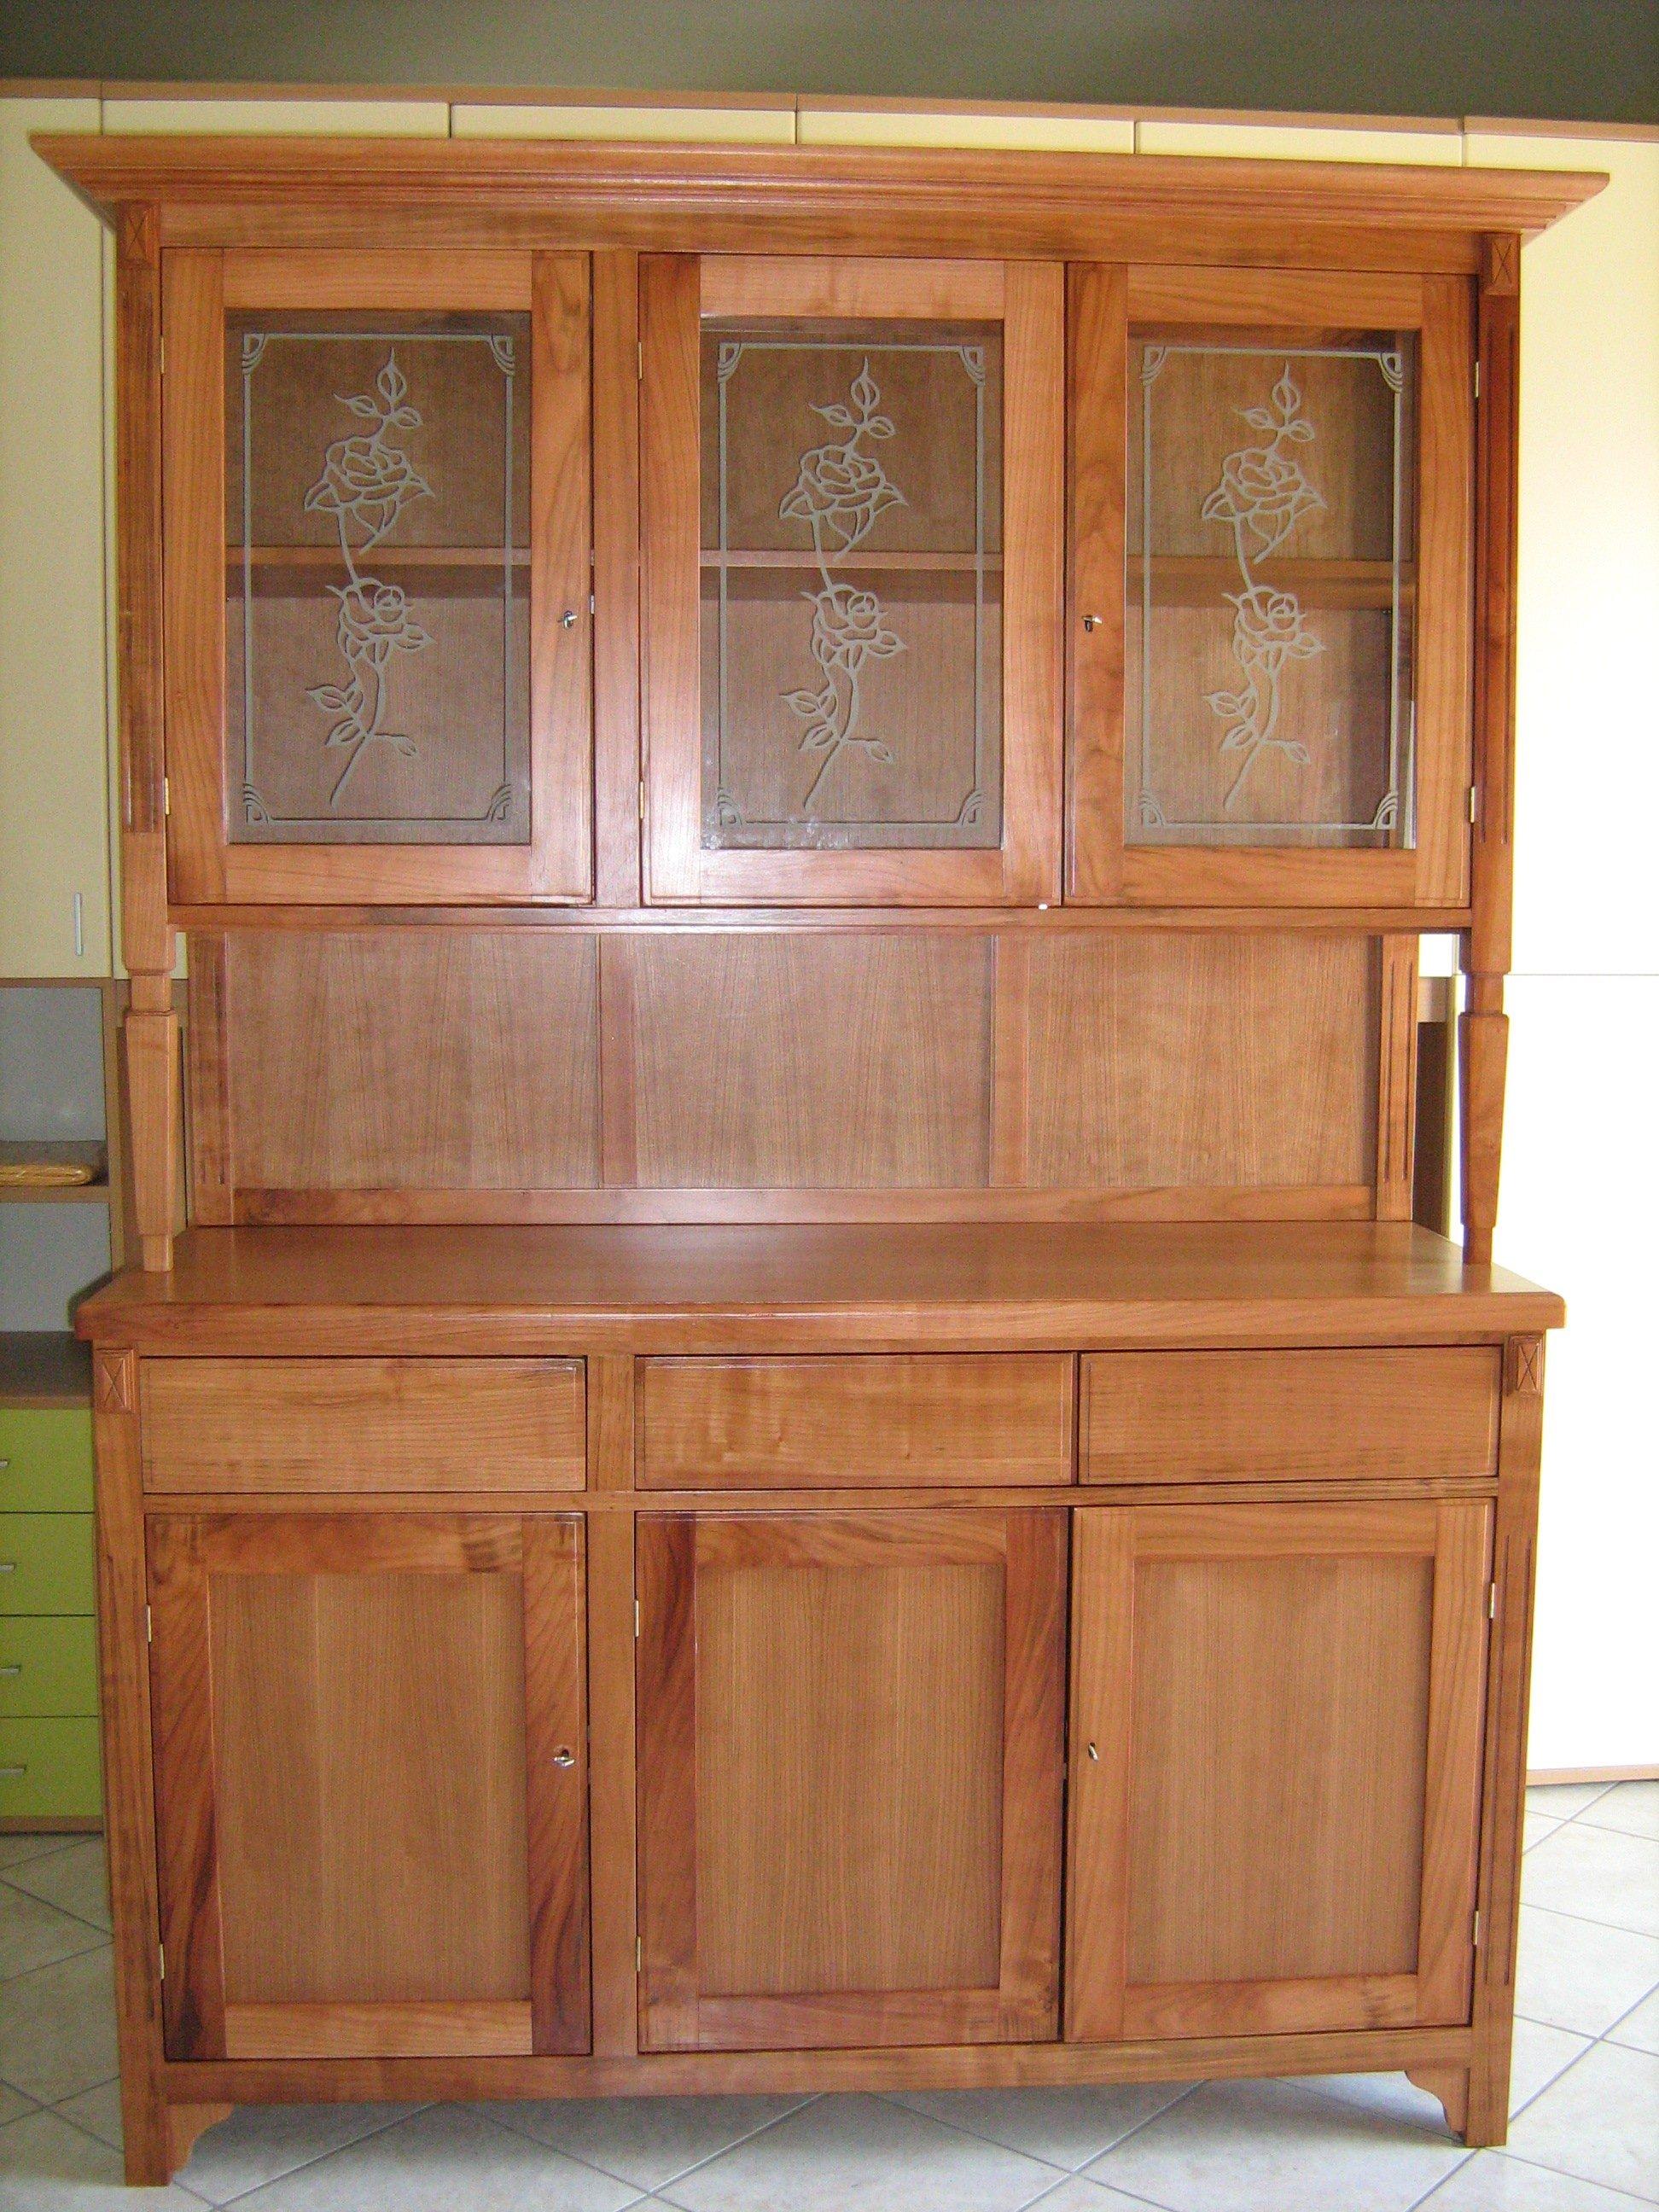 Mobile in legno antico in due colori, cassetti superiore, armadio, tre cassetti inferiori